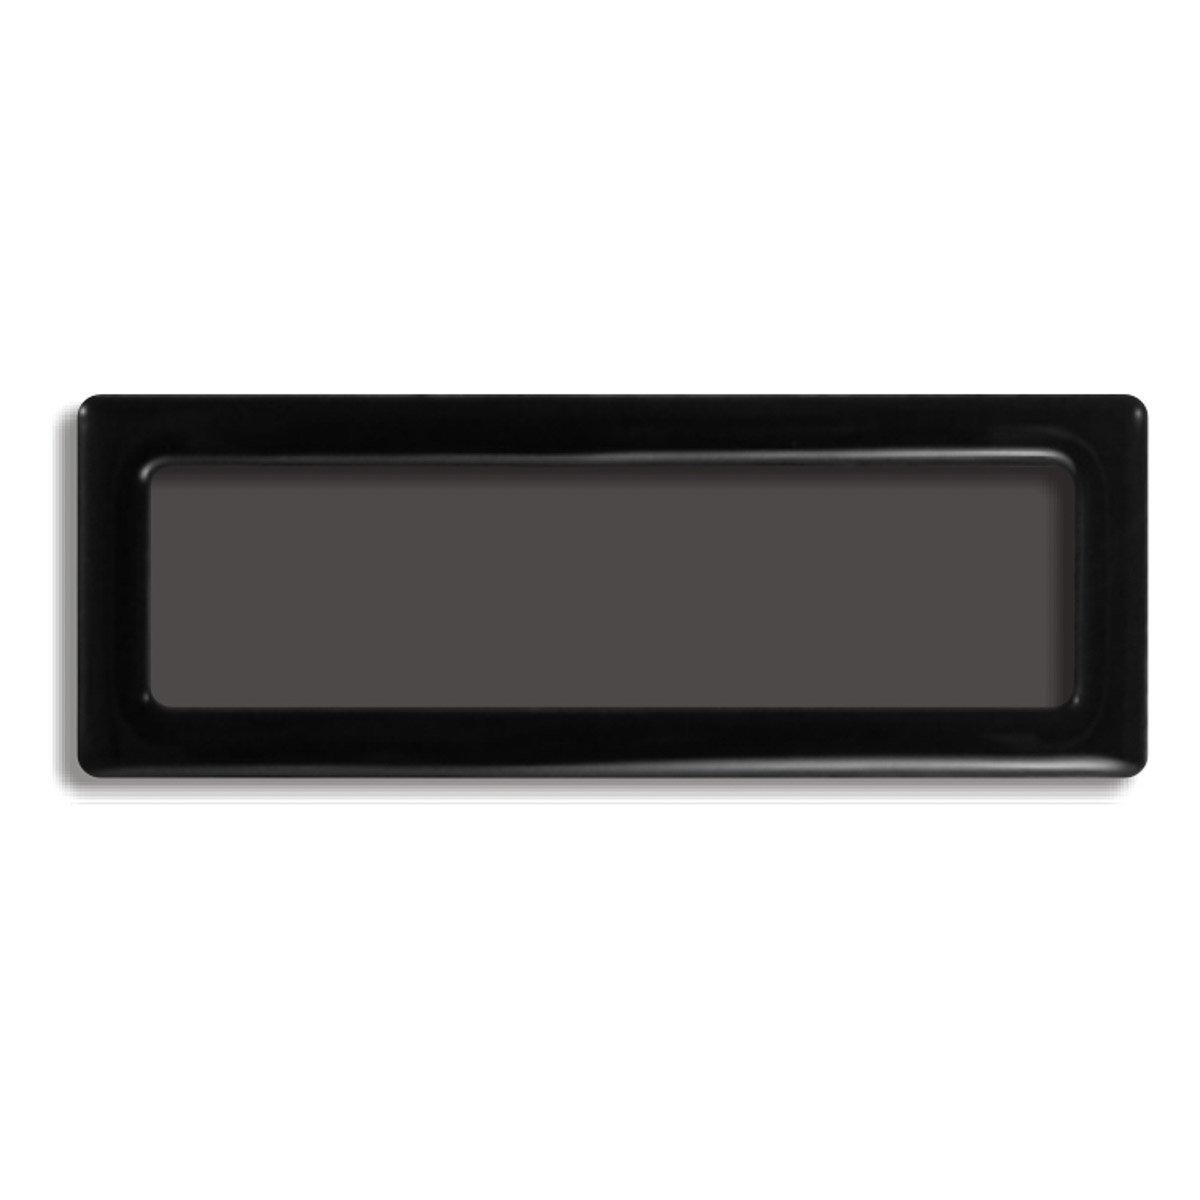 DEMCiflex Dust Filter for Fractal Design R5, Rear Small, Black Frame/Black Mesh